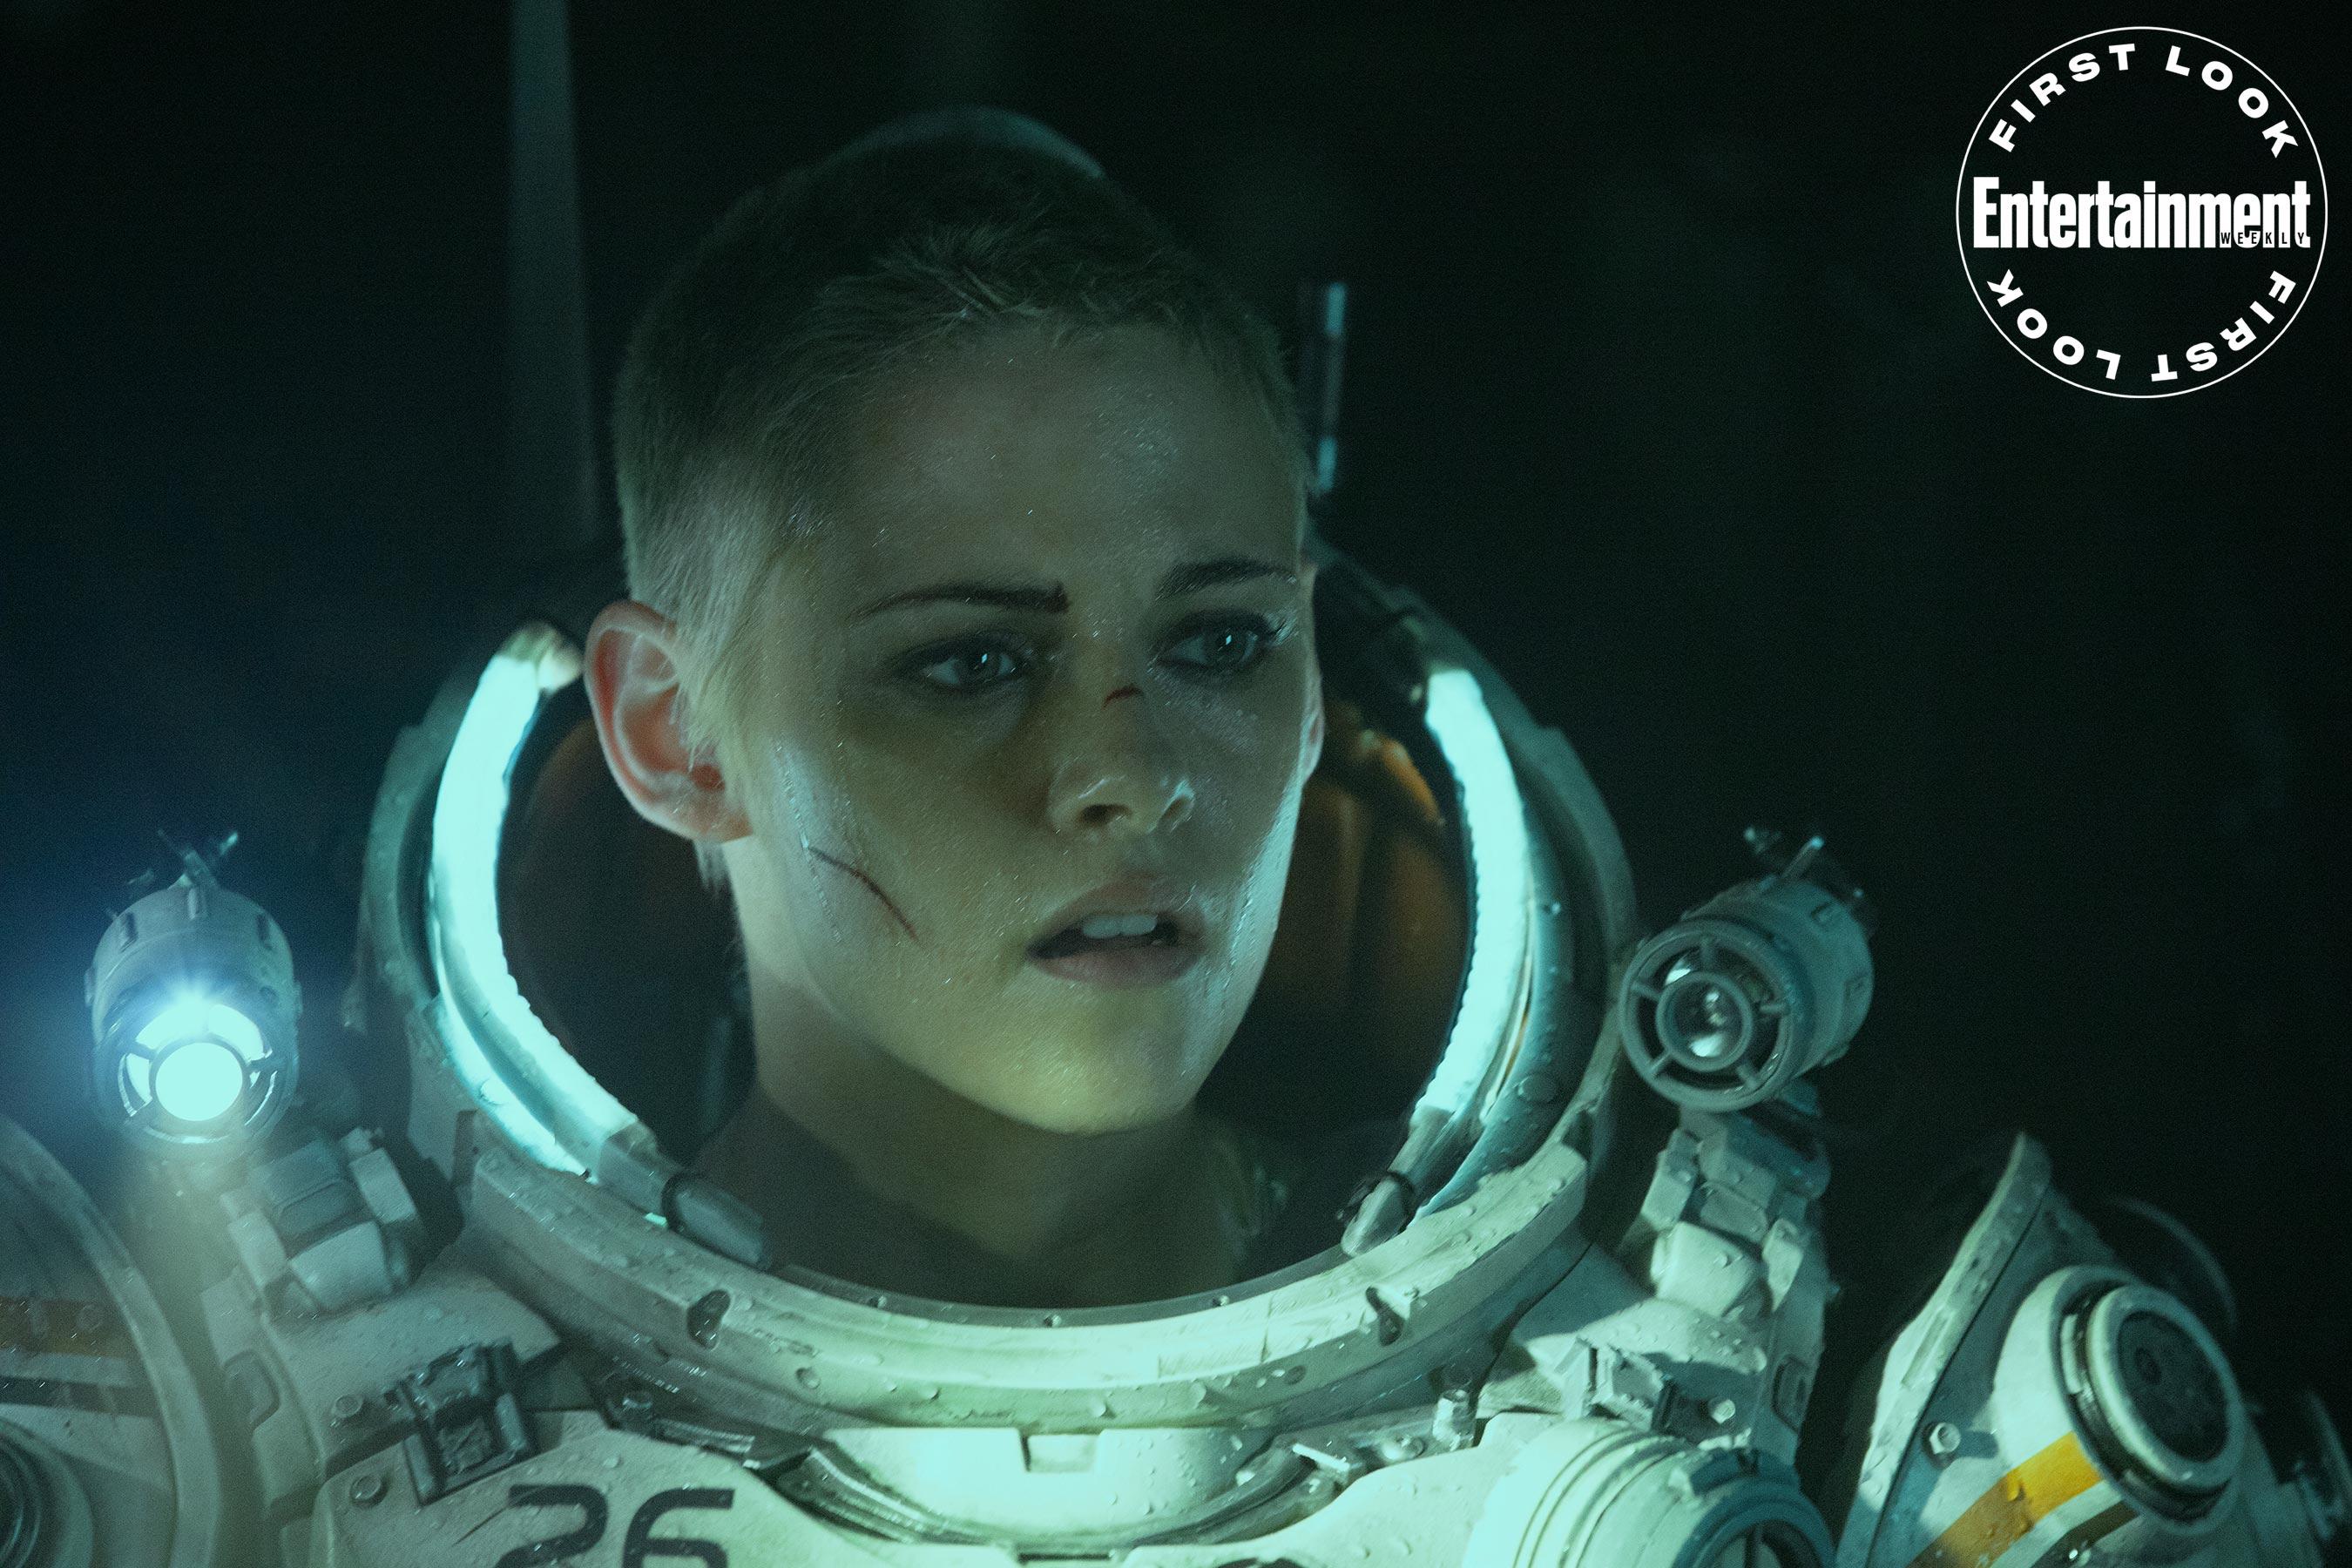 В Сети появился первый трейлер фильма «Под водой» с Кристен Стюарт и Венсаном Касселем-Фото 1